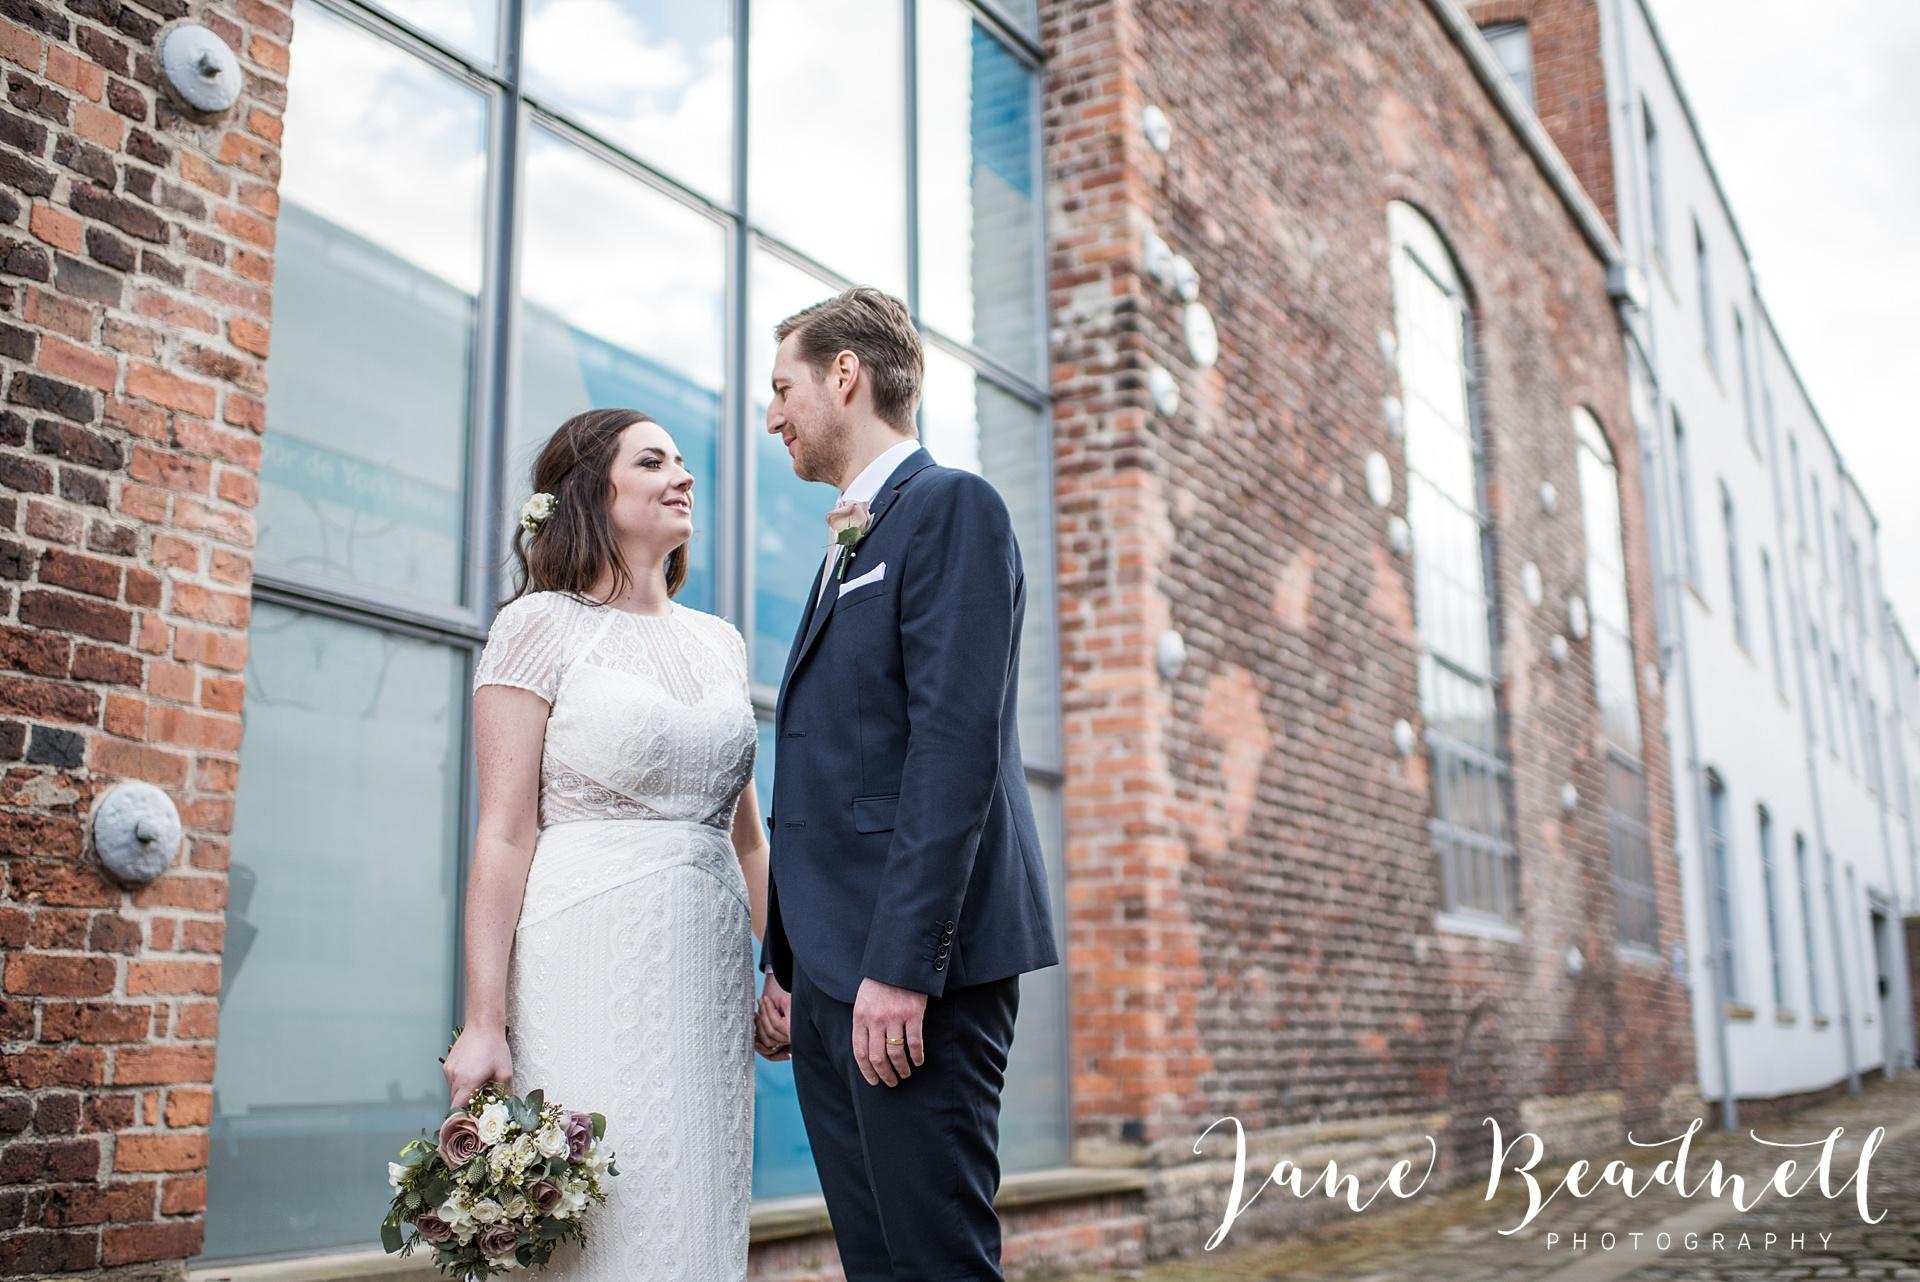 Wedding photography Cross Keys Leeds Wedding Jane Beadnell Photography_0091